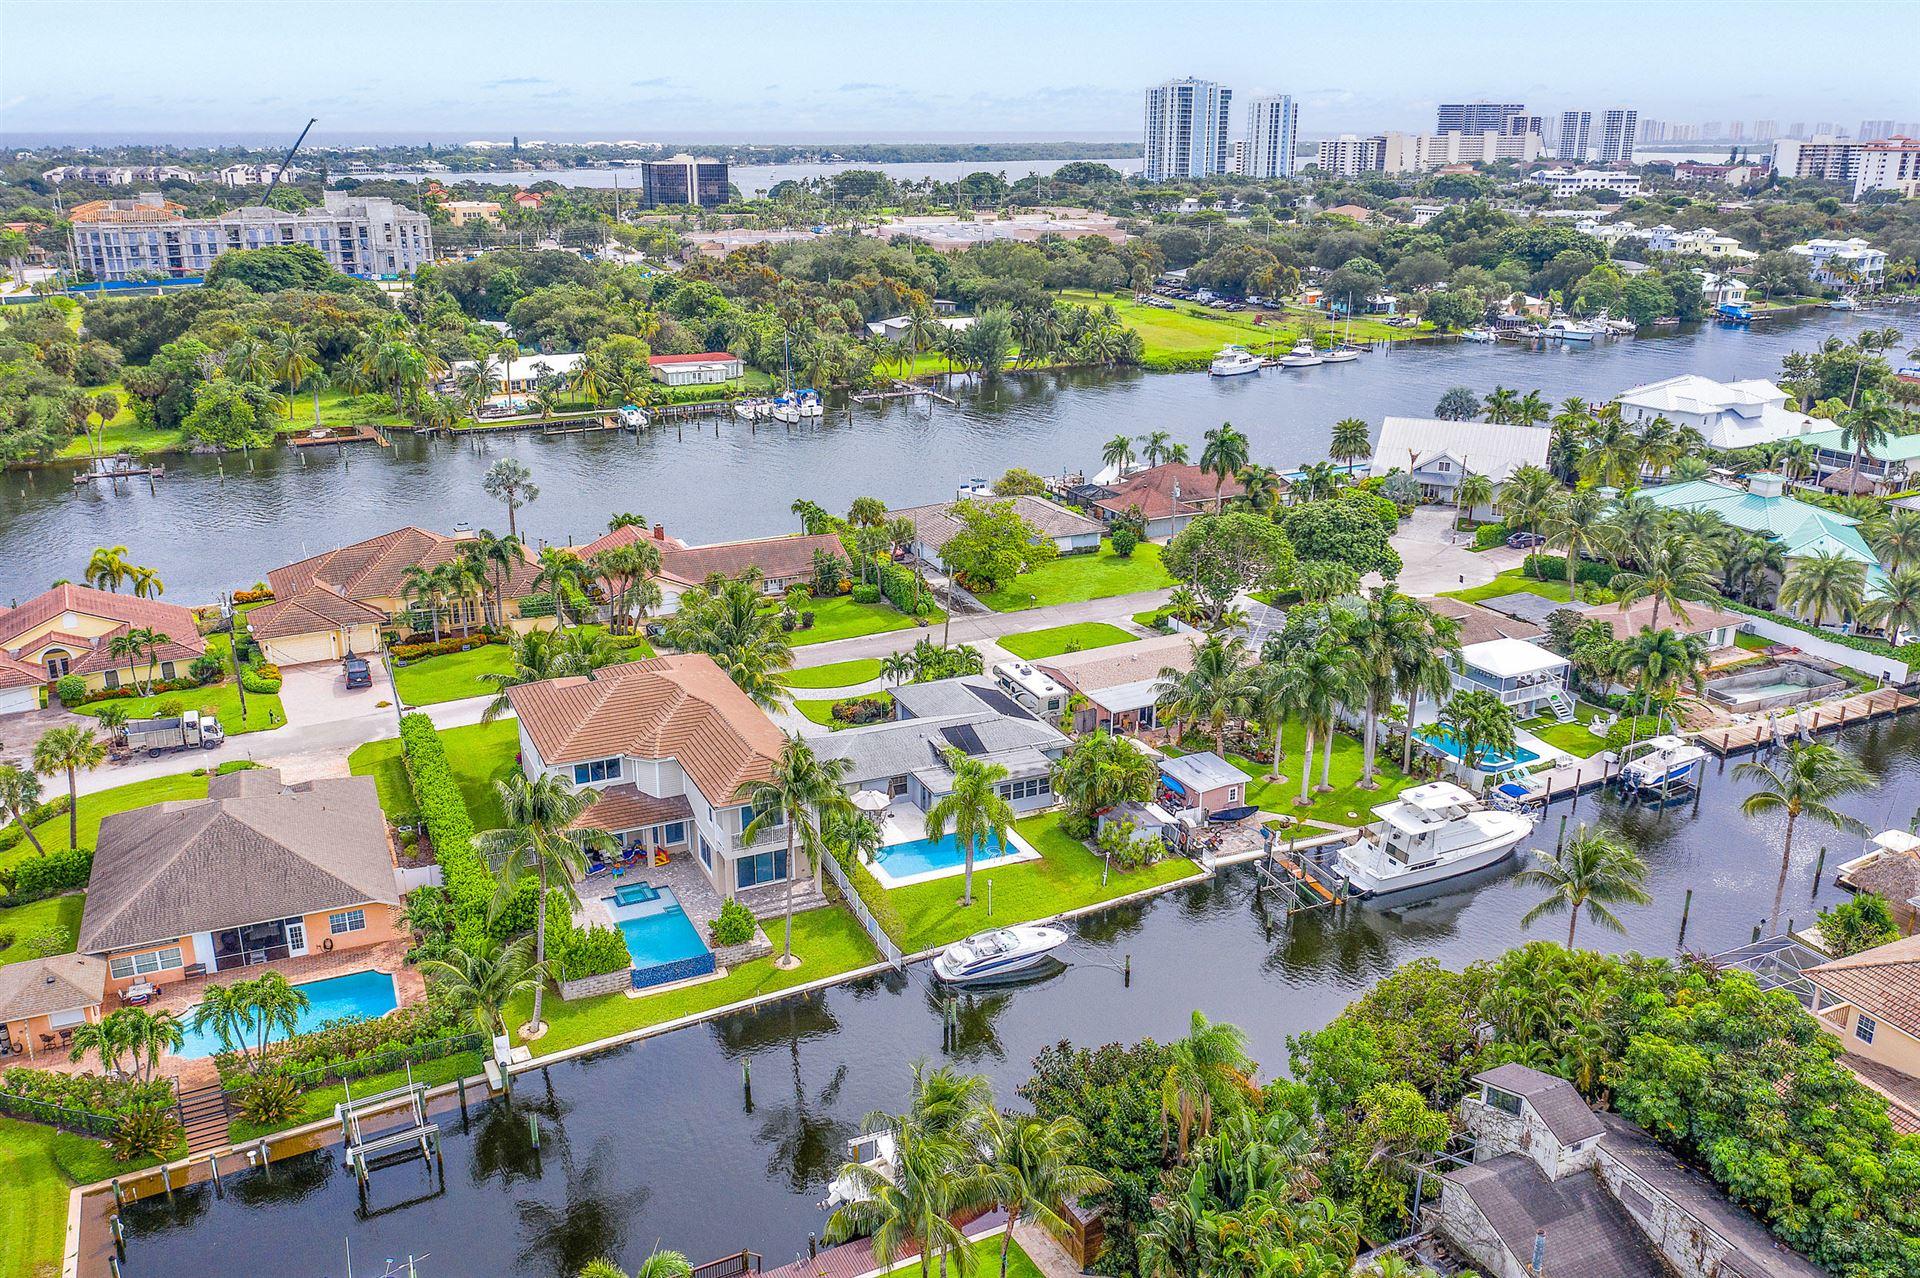 Photo of 11359 E Teach Road, Palm Beach Gardens, FL 33410 (MLS # RX-10666133)